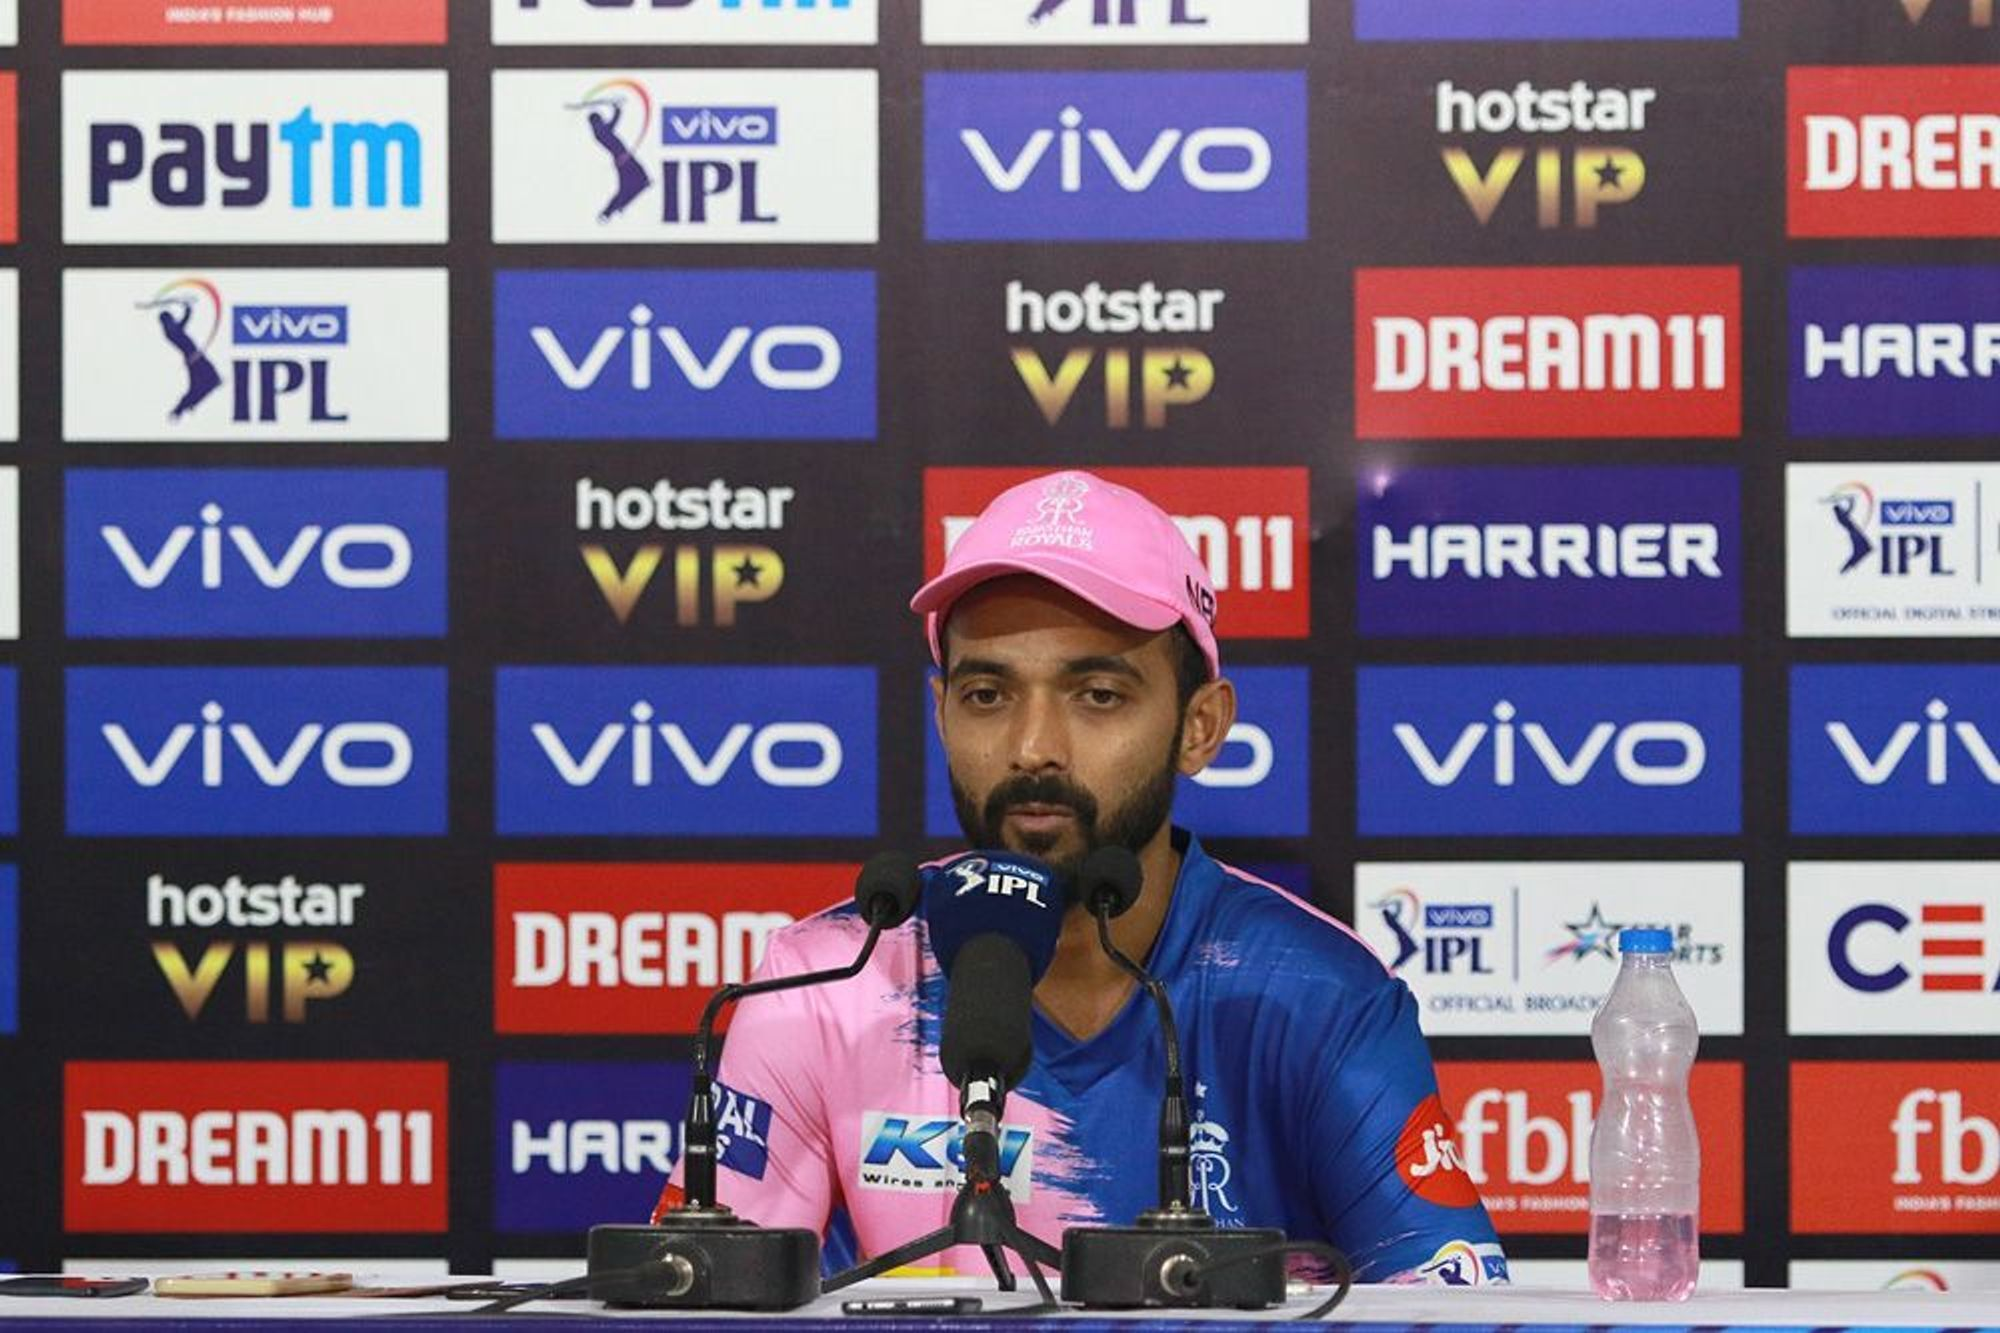 RRvsKKR: हार के बाद राजस्थान रॉयल्स के कप्तान अजिंक्य रहाणे ने इनपर फोड़ा हार का ठीकरा 14